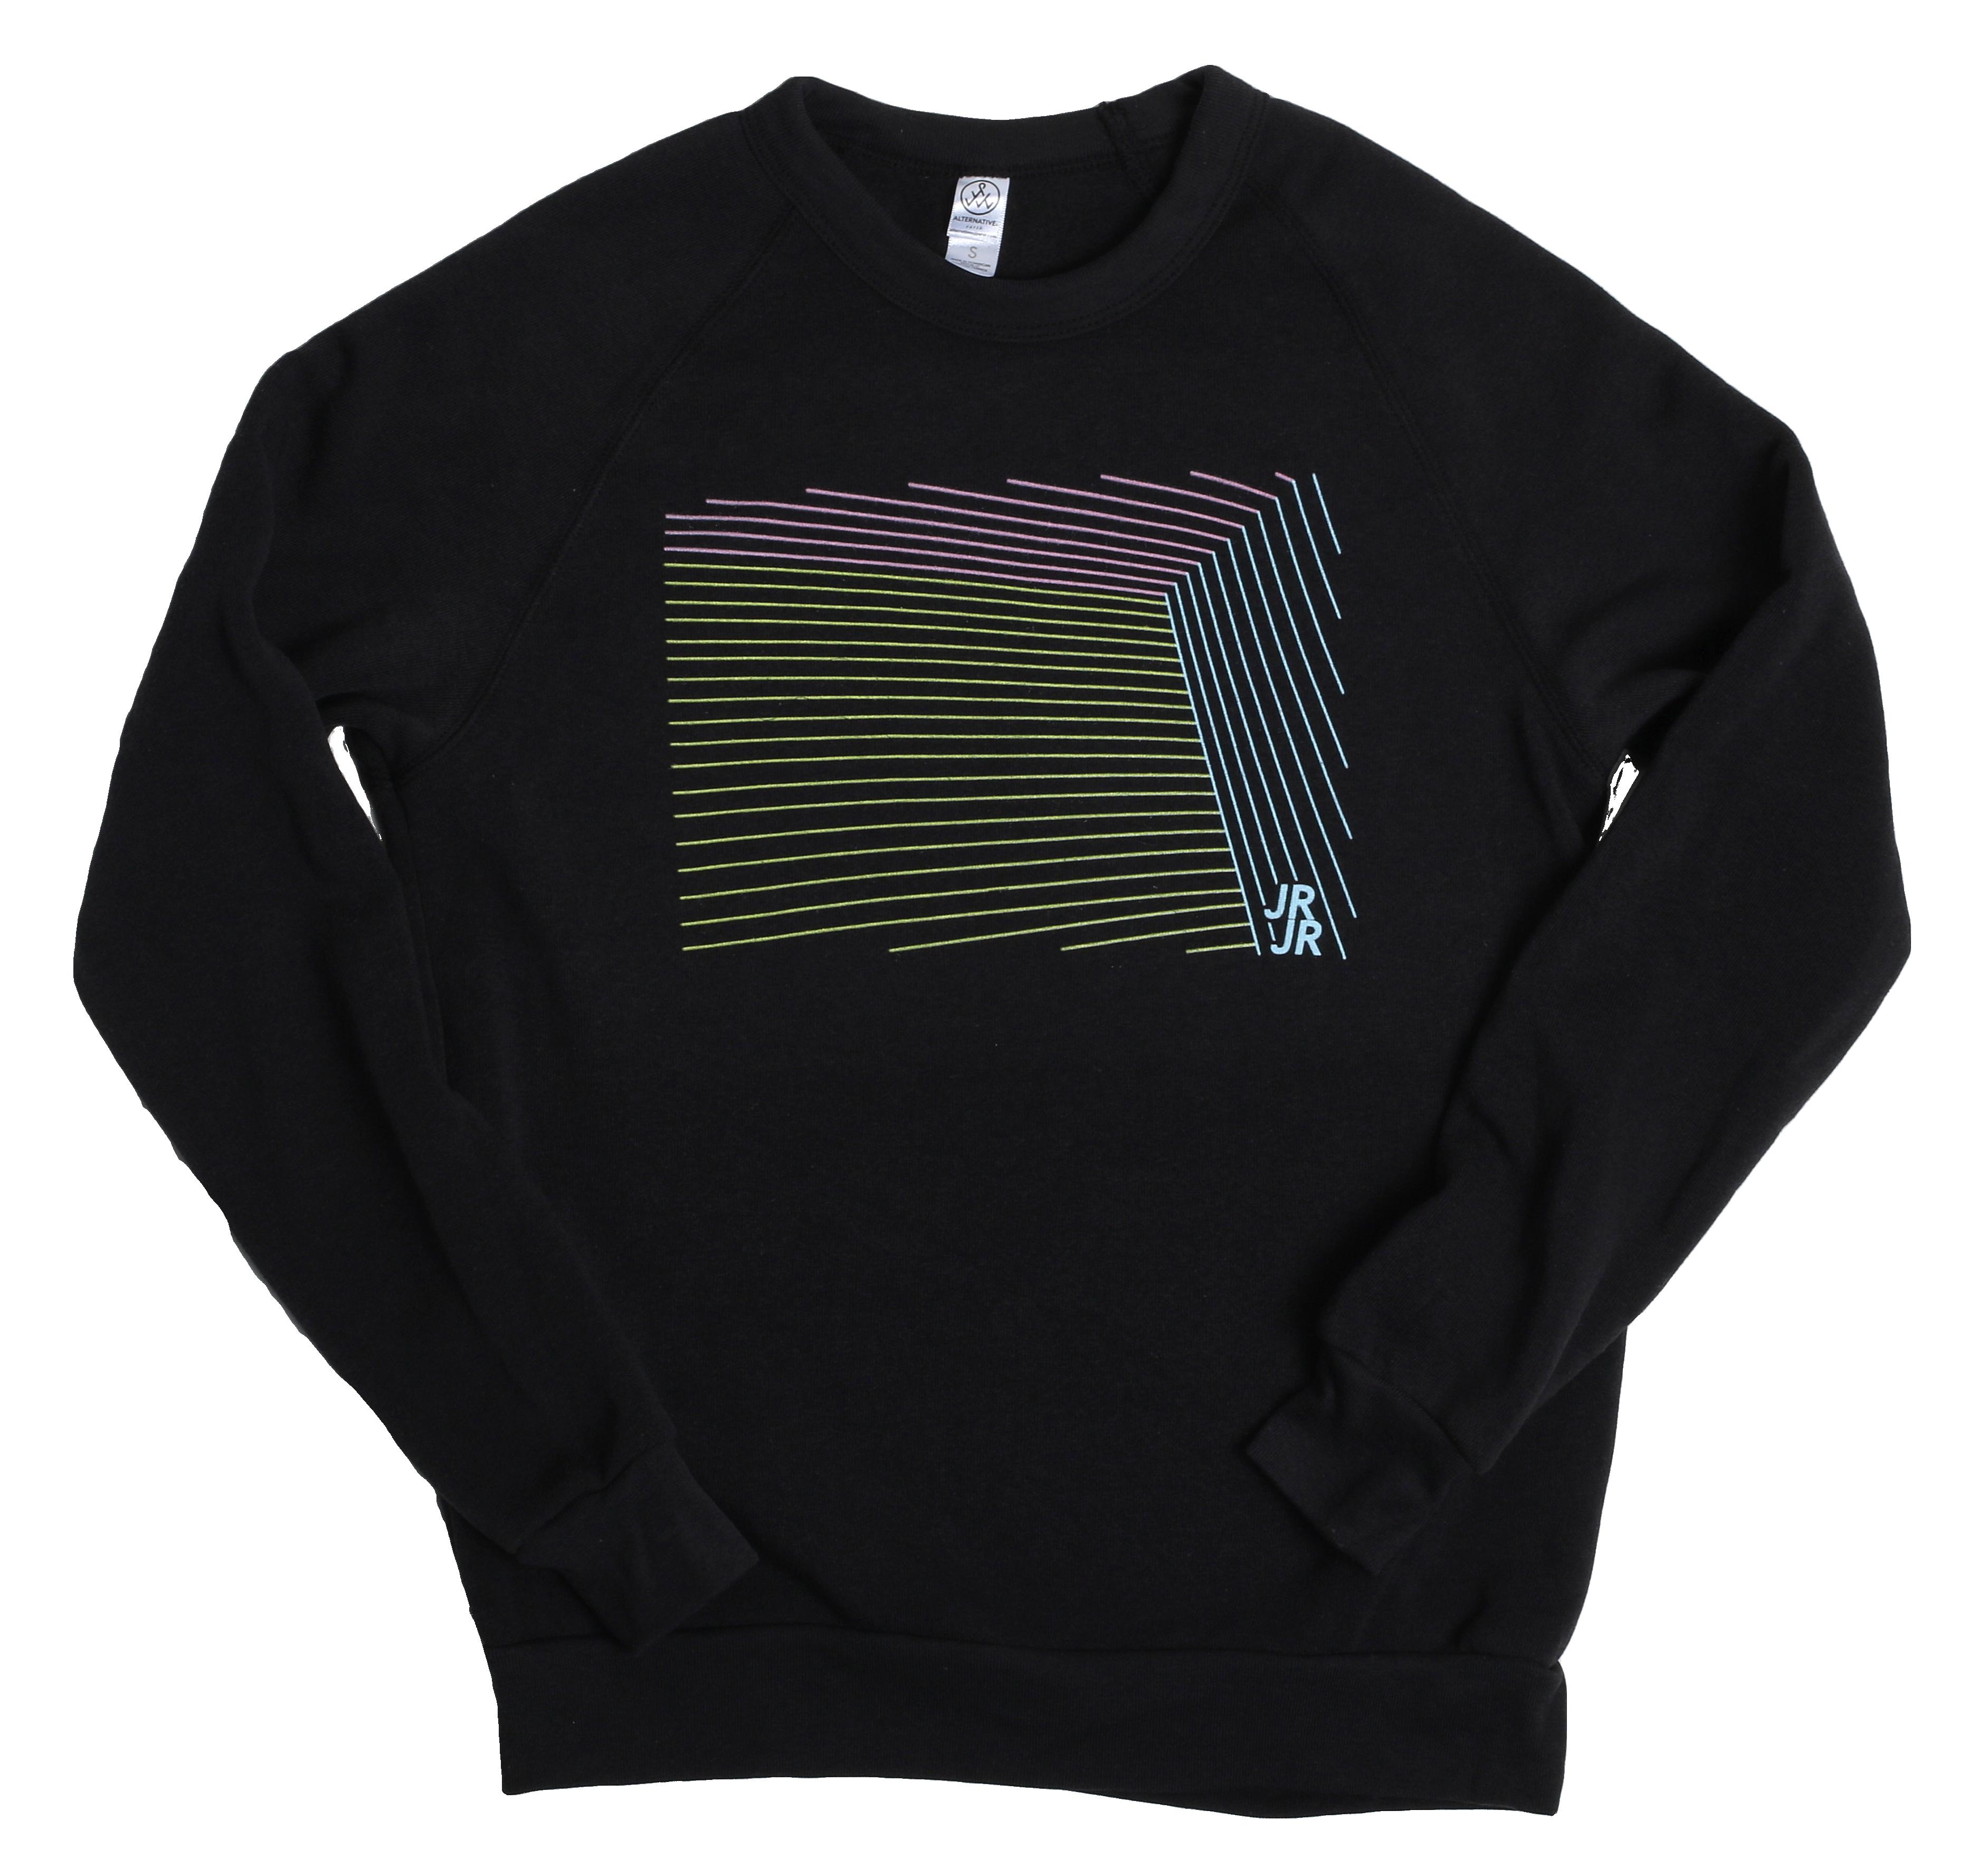 JR JR Lines Black Sweatshirt - JR JR